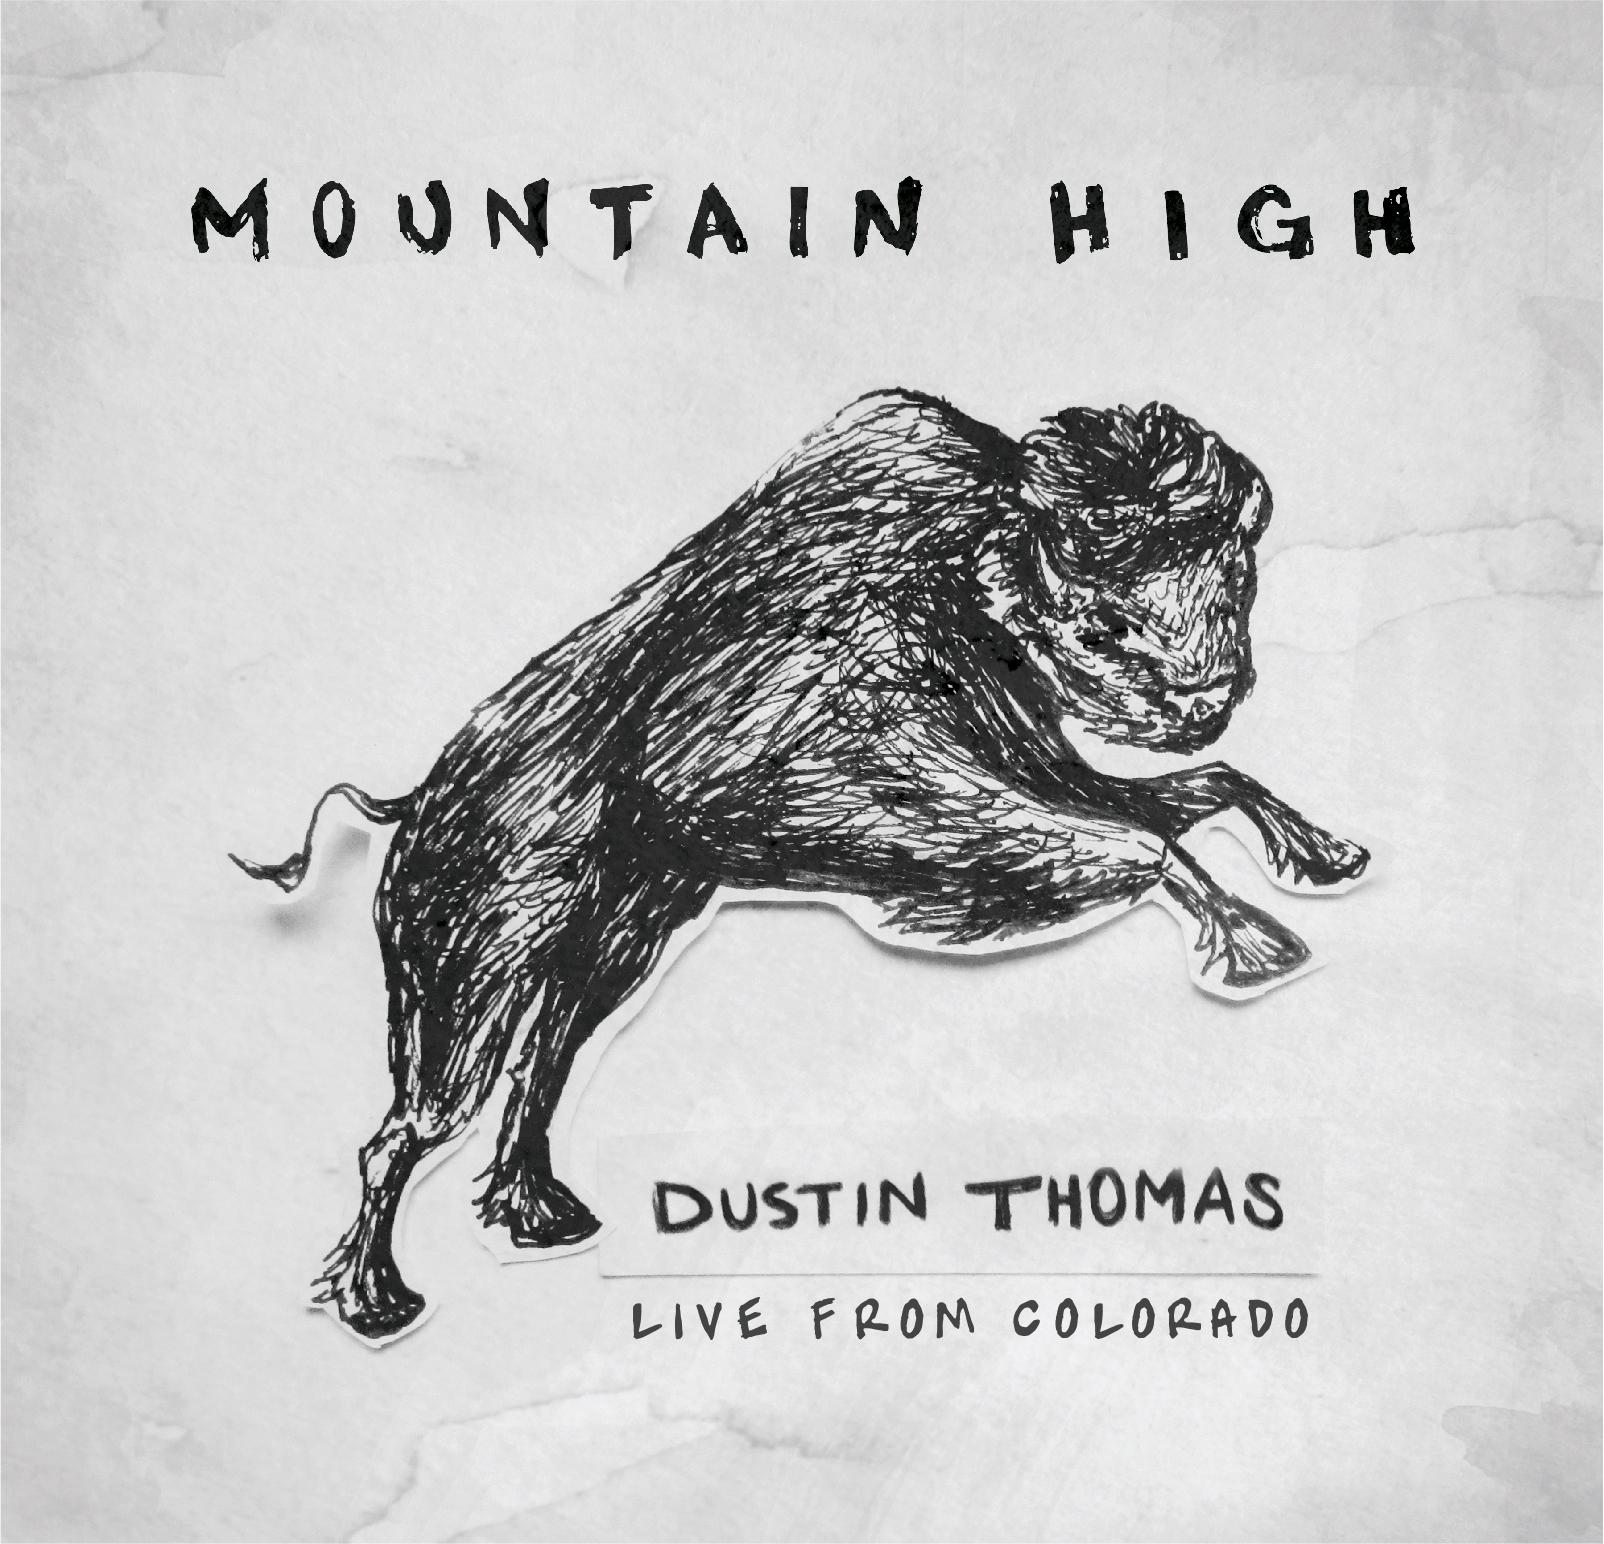 Mountain High for Dustin Thomas